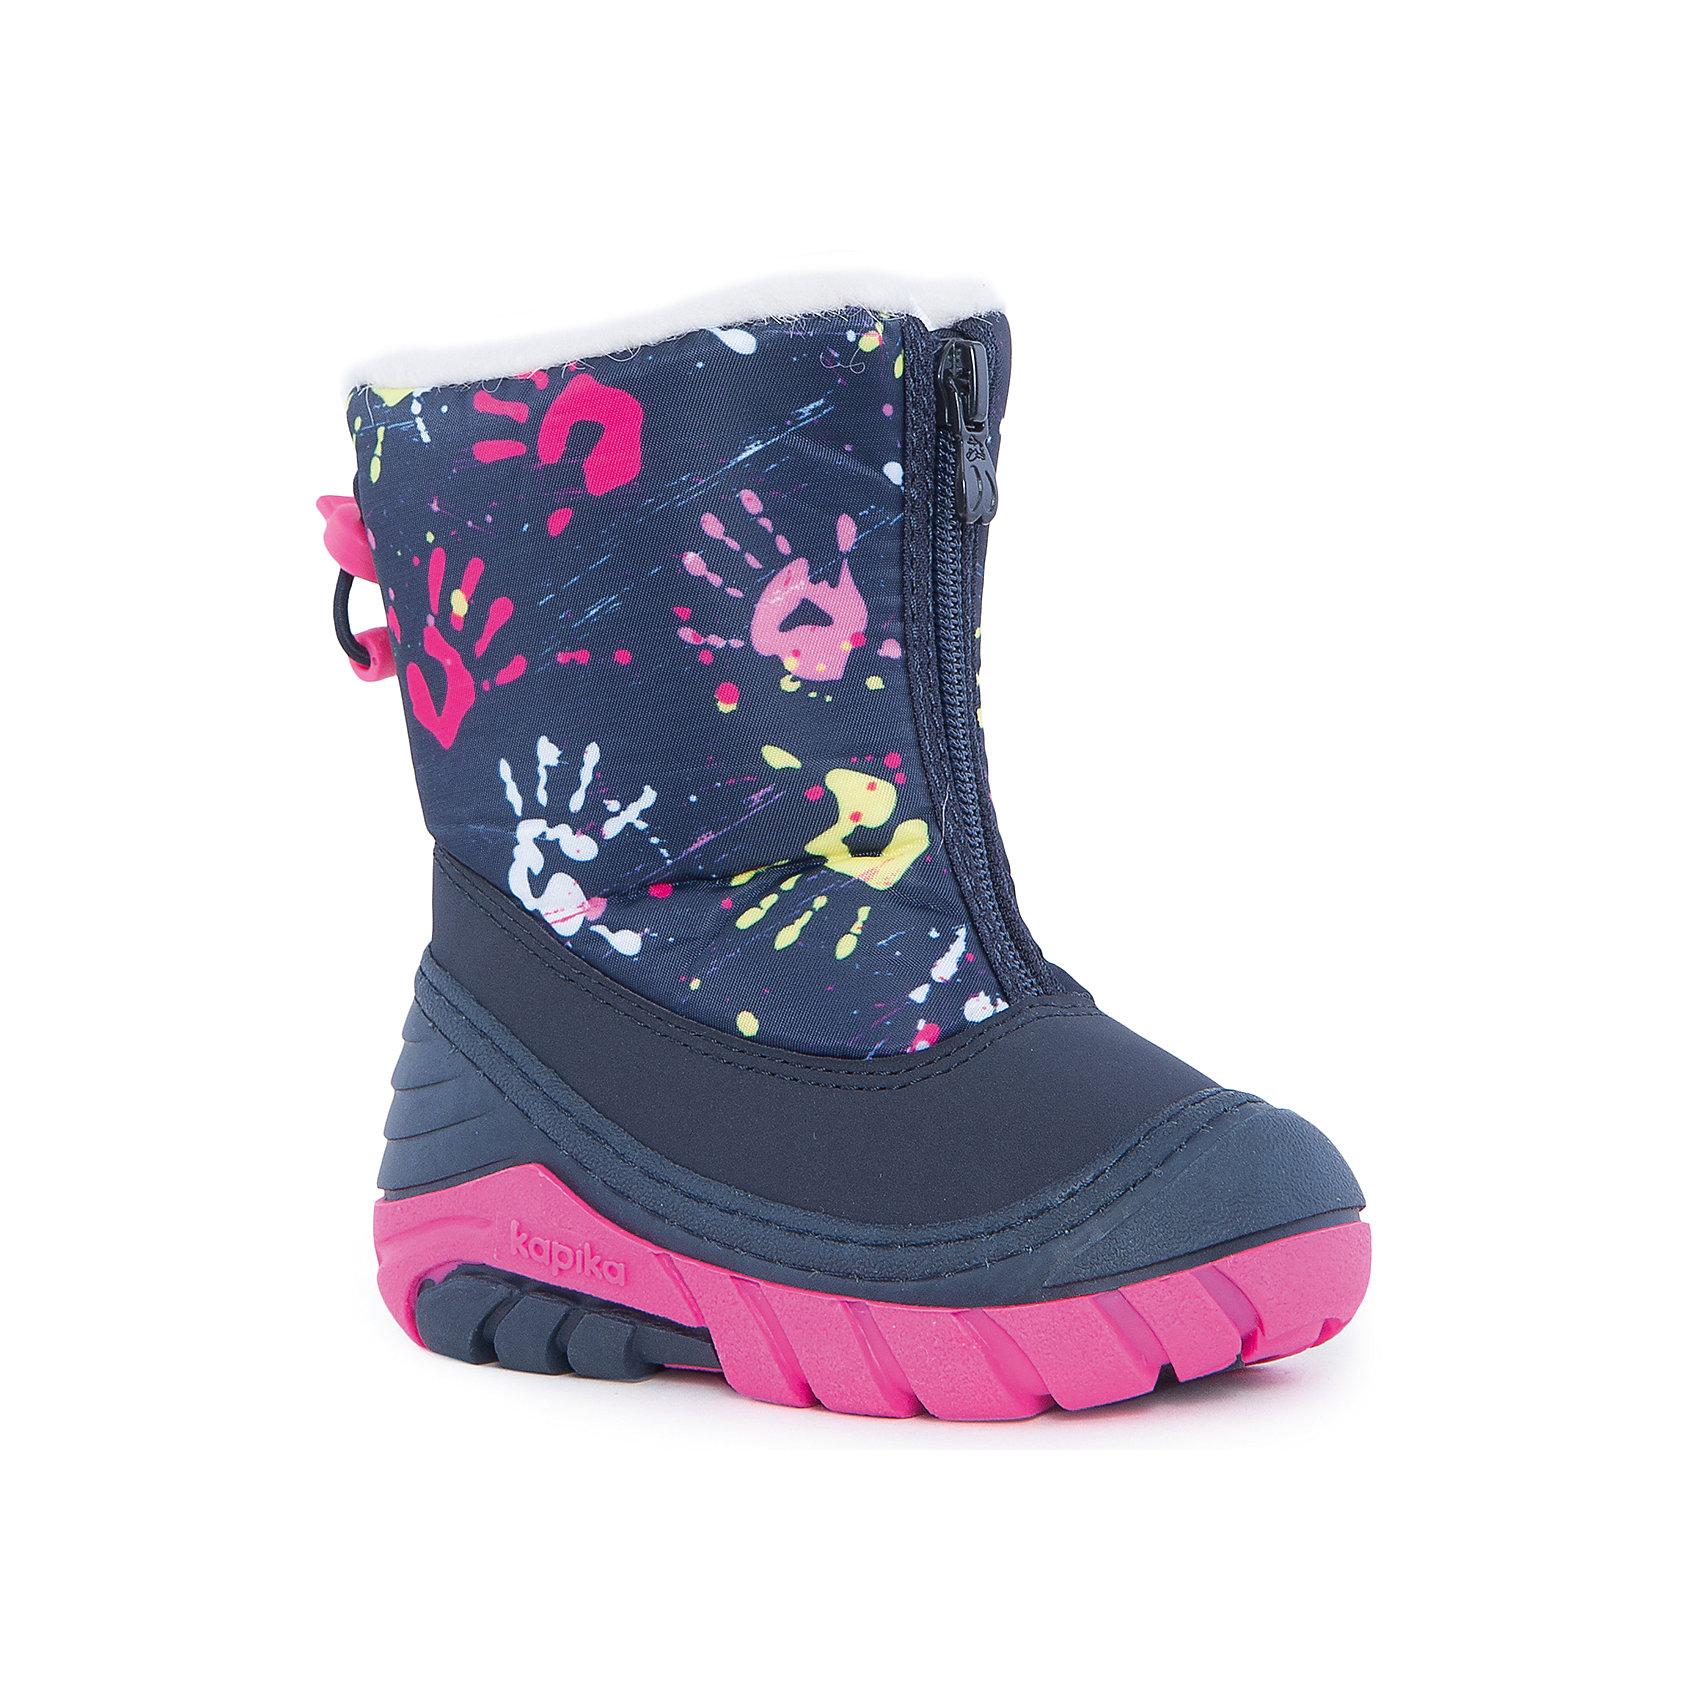 Полусапоги для девочки KAPIKAПолусапоги для девочки KAPIKA.<br><br>Температурный режим: до -20 градусов. Степень утепления – средняя. <br><br>* Температурный режим указан приблизительно — необходимо, прежде всего, ориентироваться на ощущения ребенка. <br><br>Сапоги-дутики защитят ноги малыша от снега и дождя. Благодаря теплому меху внутри их можно носить даже в очень холодную погоду. Подошва сделана с противоскользящим эффектом. Сапоги имеют форму цельного валенка, вклеенного в сапоги-галоши. Это дает дополнительную защиту от влаги и холода. Застегиваются на молнию спереди.<br><br>Дополнительная информация:<br><br>- материал верха: искусственная кожа, текстиль<br>- материал подкладки: 80% шерсть, 20% искусственный мех<br><br>Полусапоги для девочки KAPIKA можно купить в нашем интернет магазине.<br><br>Ширина мм: 257<br>Глубина мм: 180<br>Высота мм: 130<br>Вес г: 420<br>Цвет: фиолетовый<br>Возраст от месяцев: 6<br>Возраст до месяцев: 9<br>Пол: Женский<br>Возраст: Детский<br>Размер: 24,23,22,21,20,19<br>SKU: 4988191